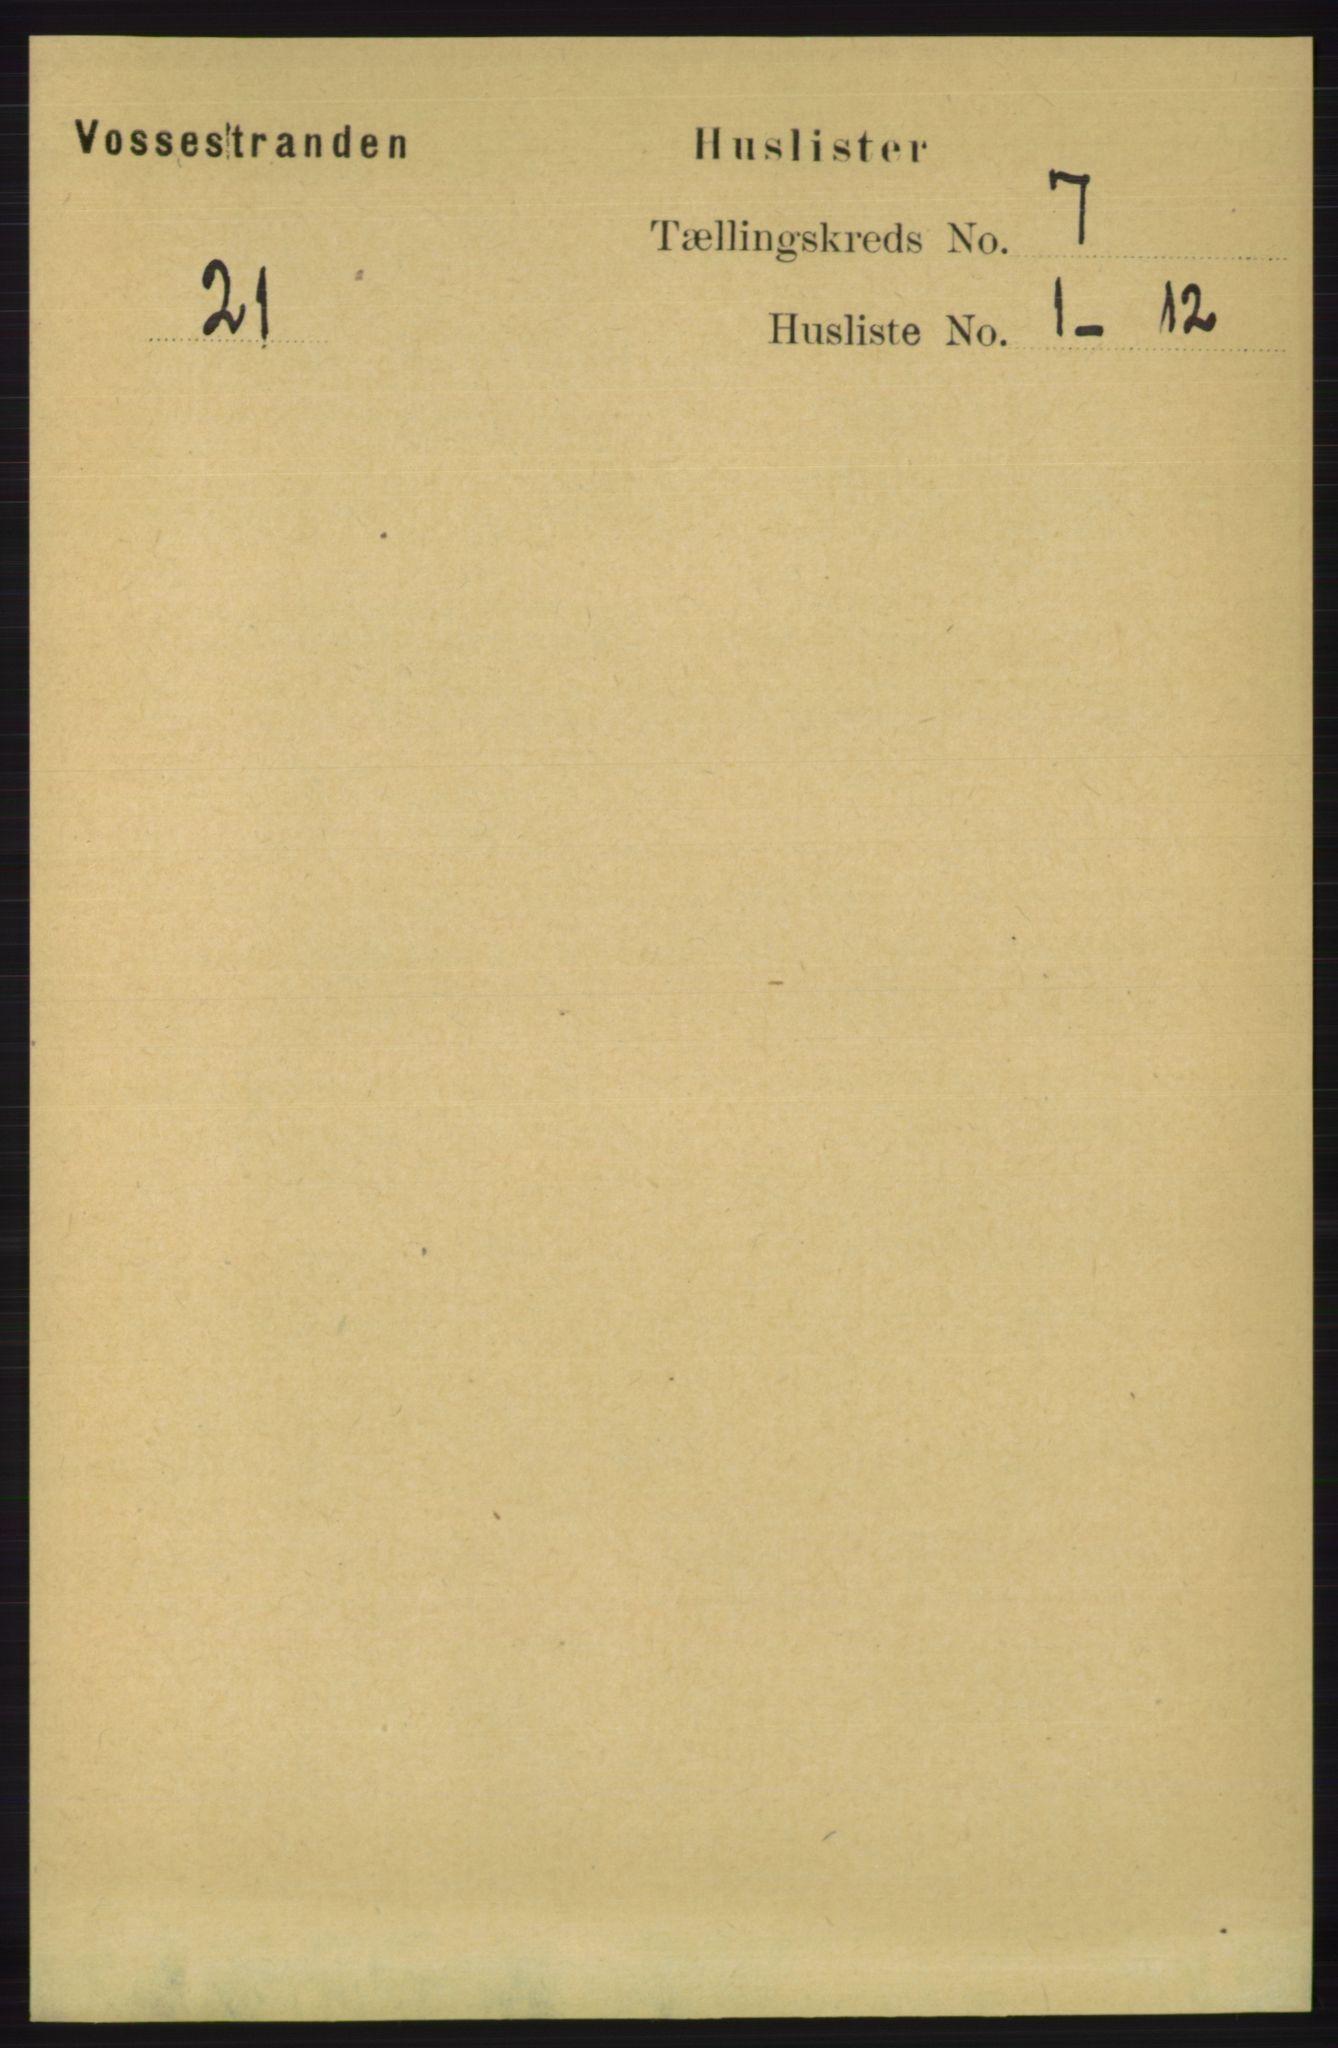 RA, Folketelling 1891 for 1236 Vossestrand herred, 1891, s. 2312